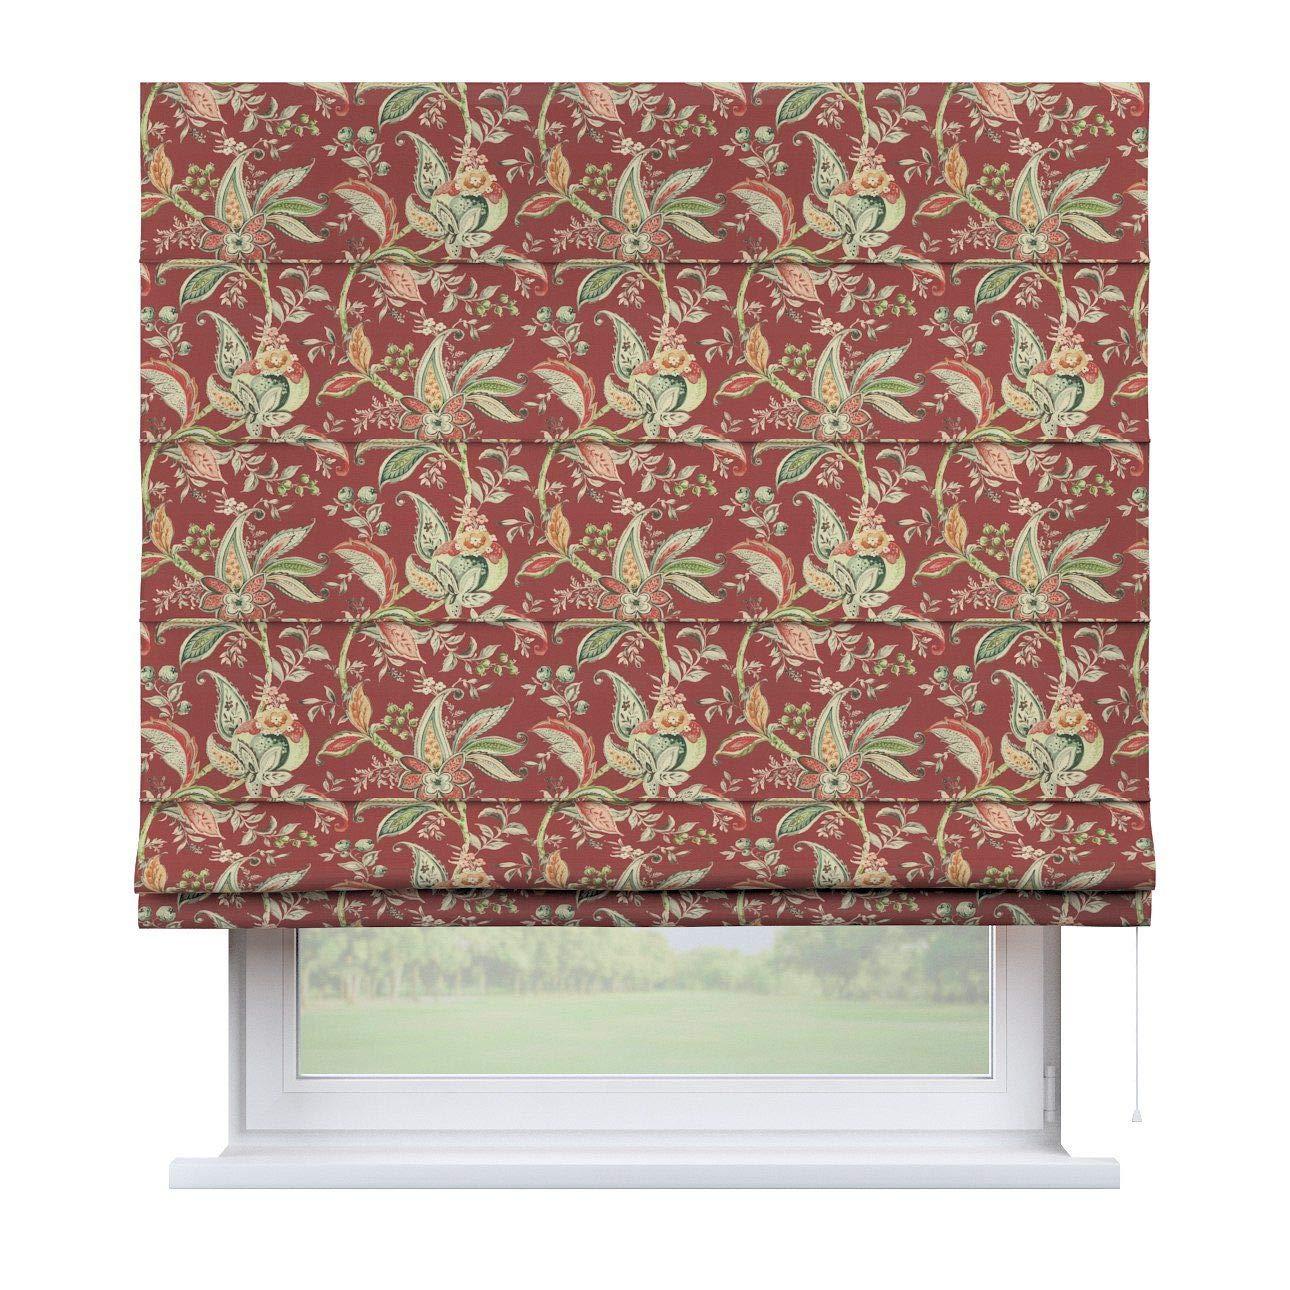 Dekoria Raffrollo Capri ohne Bohren Blickdicht Faltvorhang Raffgardine Wohnzimmer Schlafzimmer Kinderzimmer 130 × 170 cm rot Raffrollos auf Maß maßanfertigung möglich